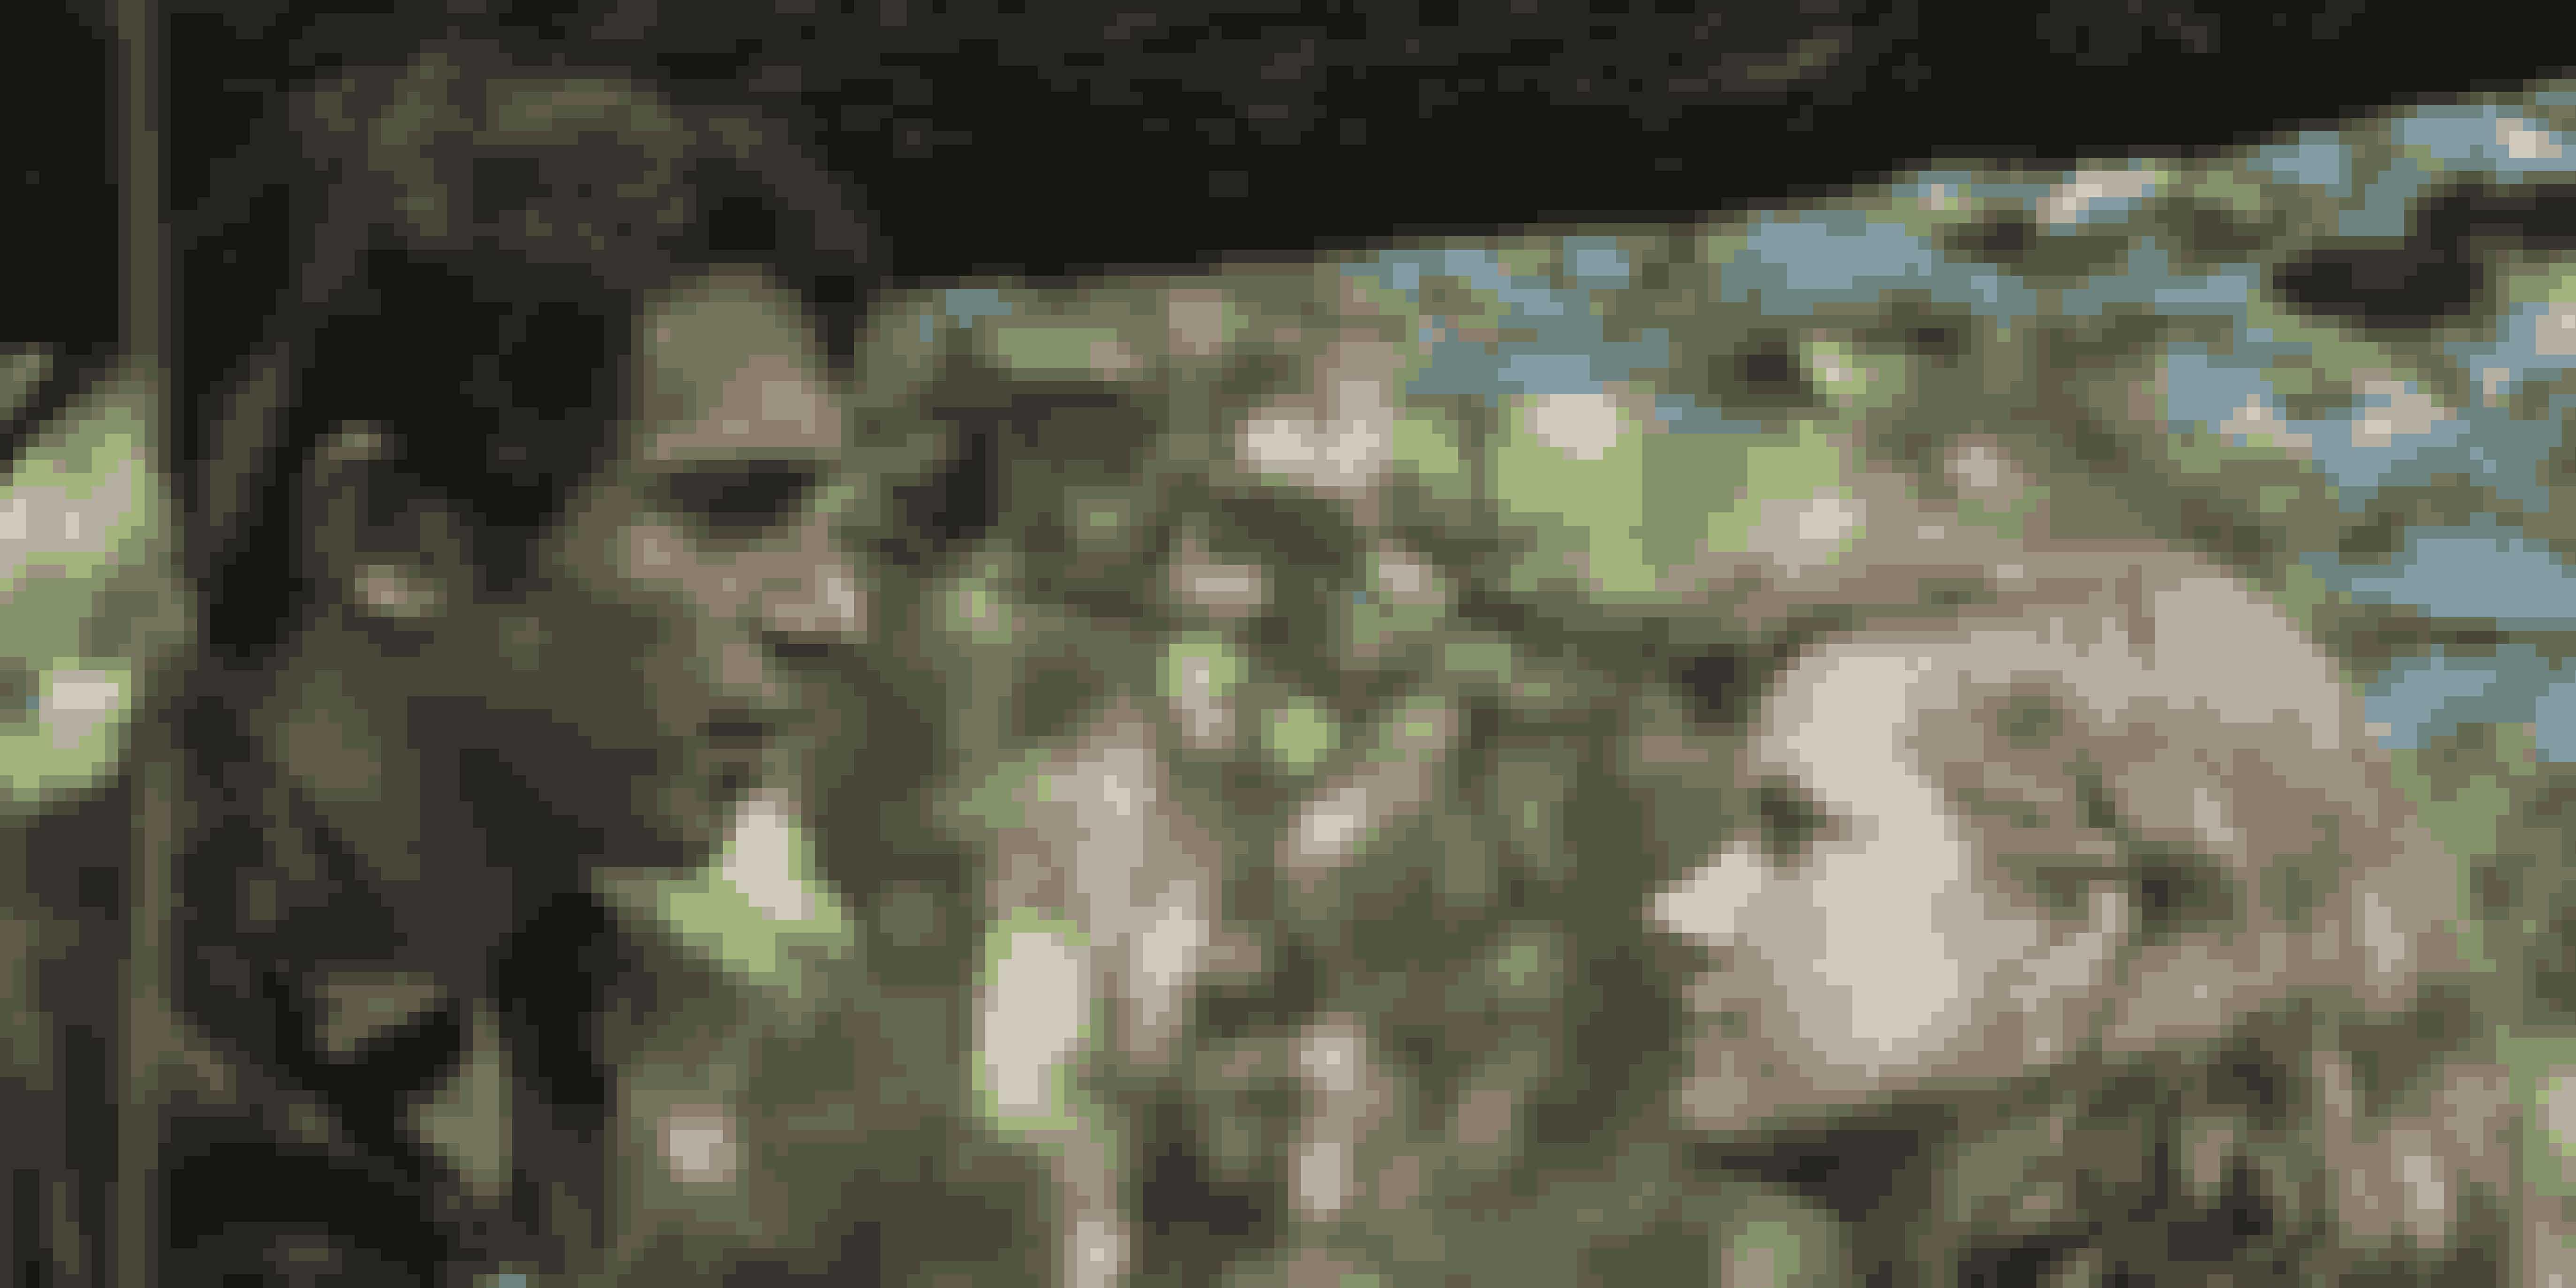 Arbejdet med 'Sharp Objects' var hårdt for Amy Adams, der havde svært ved at slippe de mørke følelser fra serien.